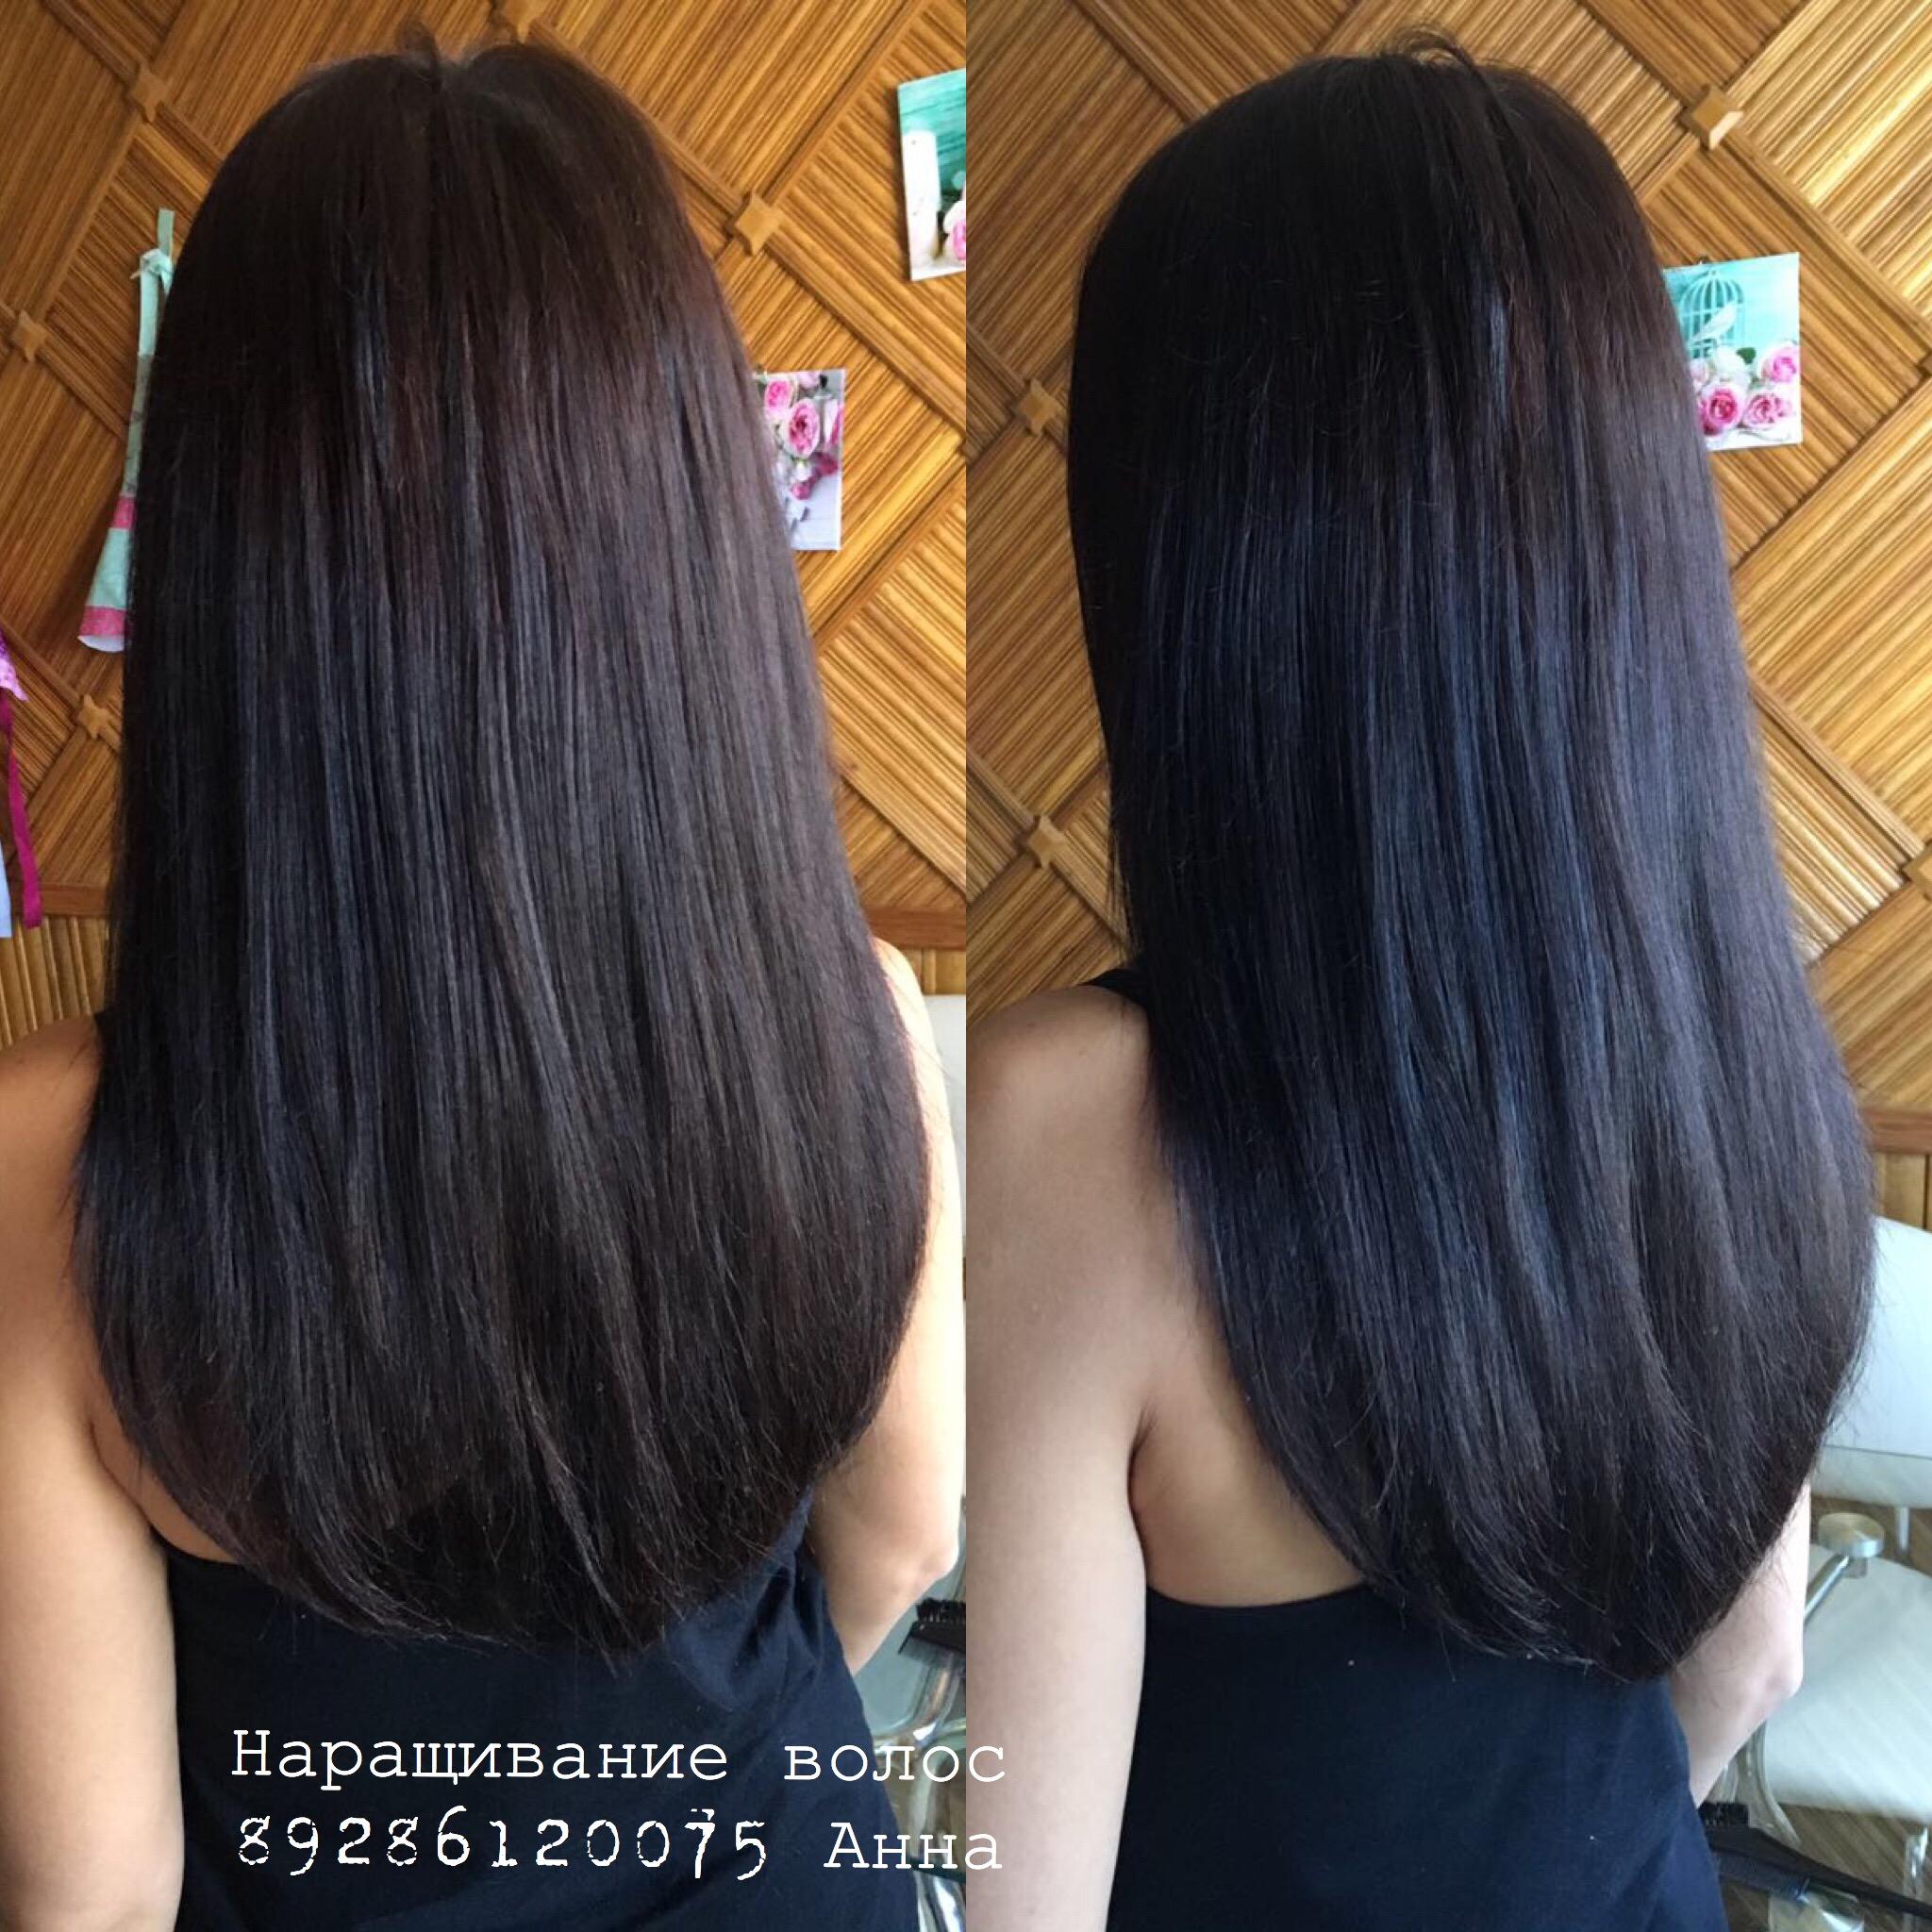 Средства от выпадения волос китай